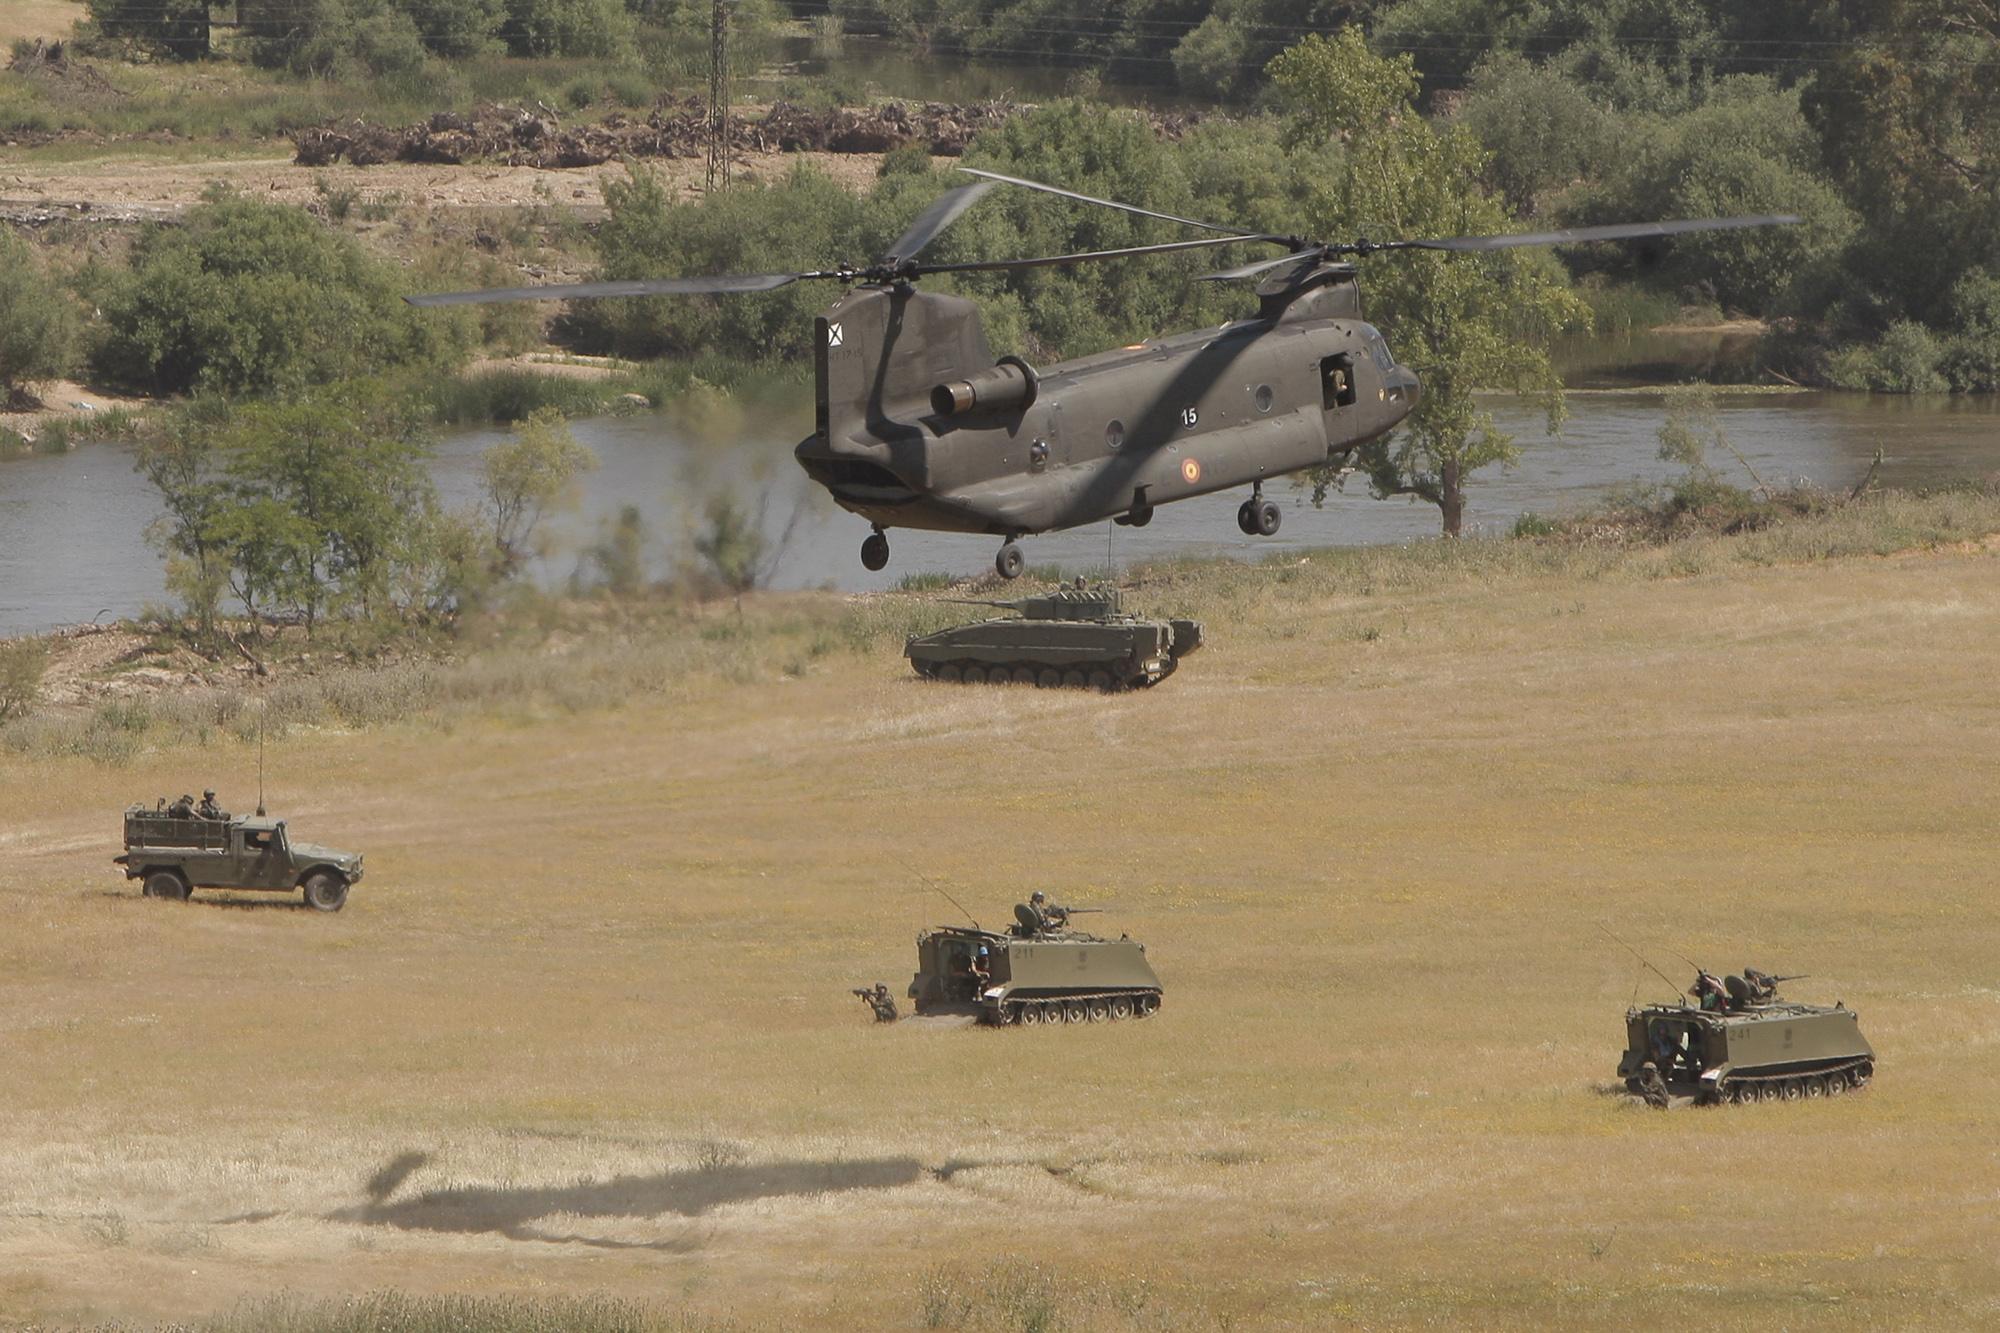 Armée Espagnole/Fuerzas Armadas Españolas DGC_100529_DIFAS_06_G